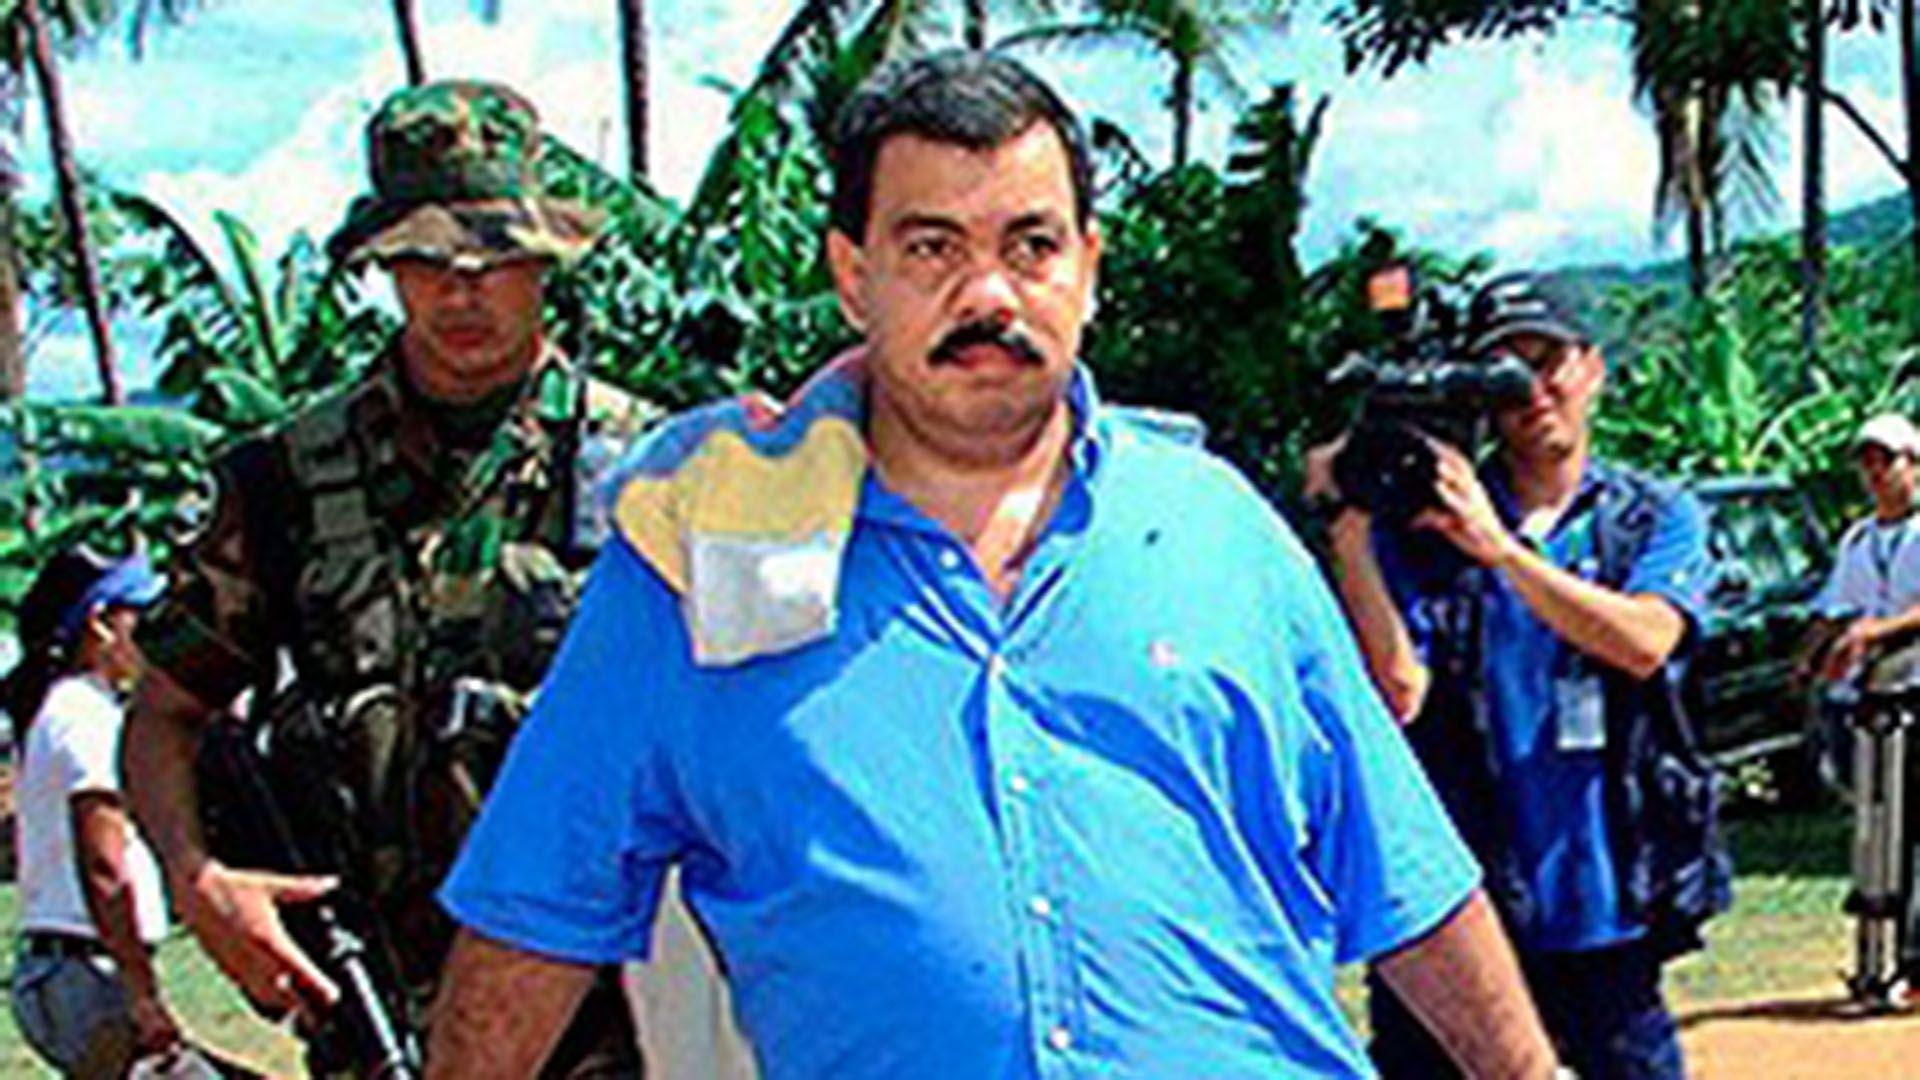 Diego Murillo Bejarano, alias 'Don Berna', fue cabecilla de la banda narcotraficante 'La Oficina' y fundador del  bloque paramilitar Cacique Nutibara.